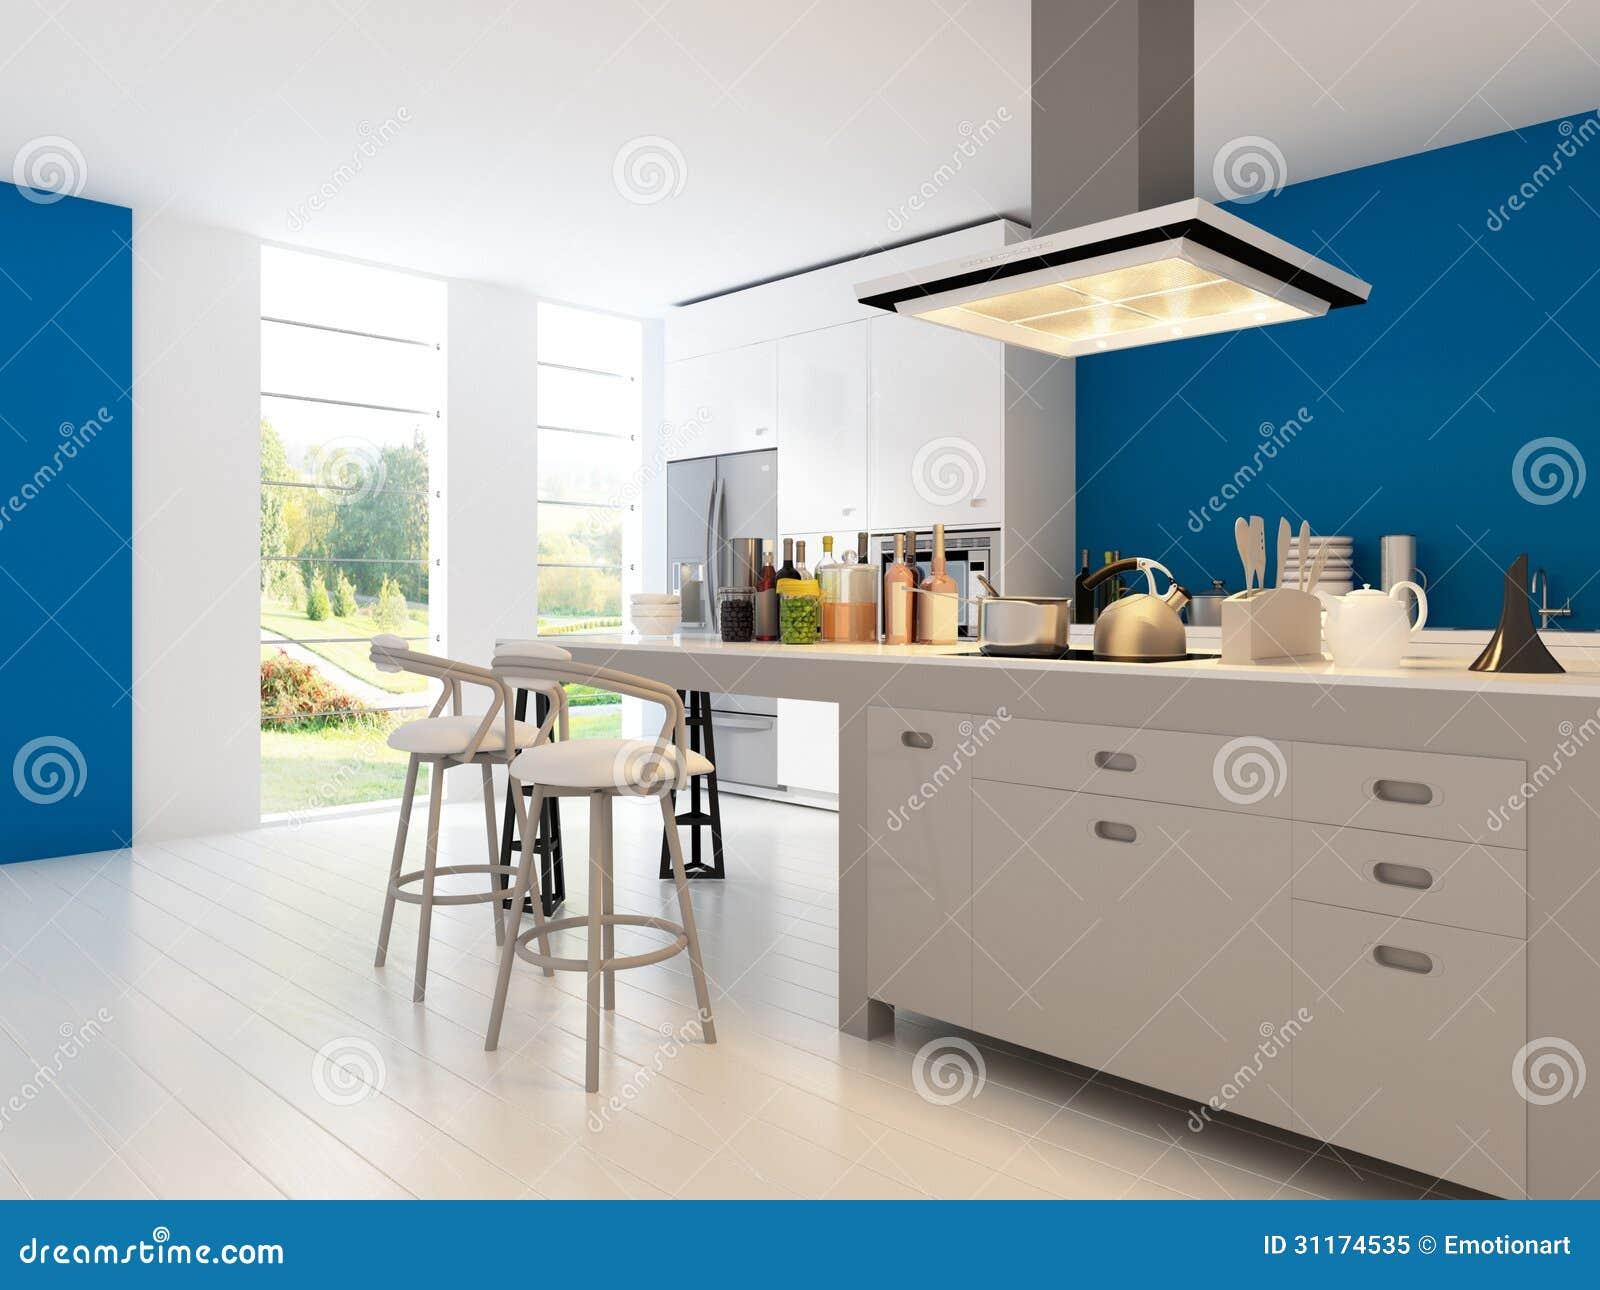 Foto de Stock Royalty Free: Cozinha do projeto moderno Arquitetura  #004D77 1300 1065